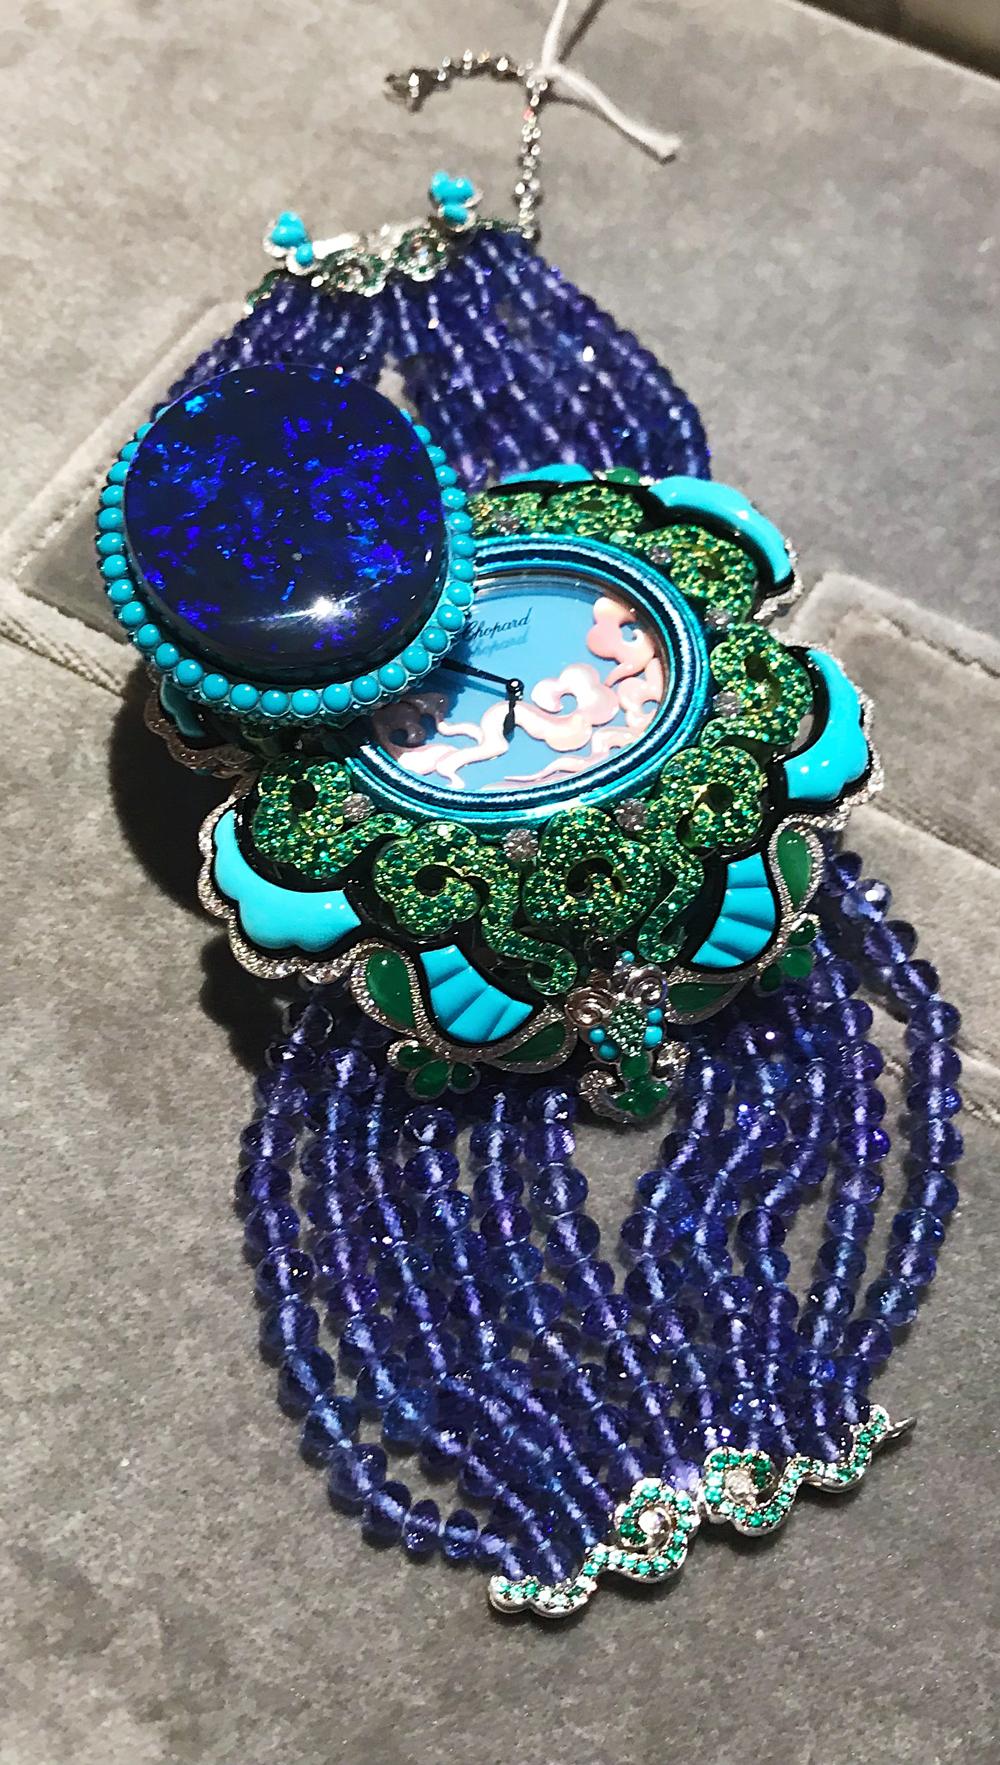 萧邦Chopard 高级珠宝腕表